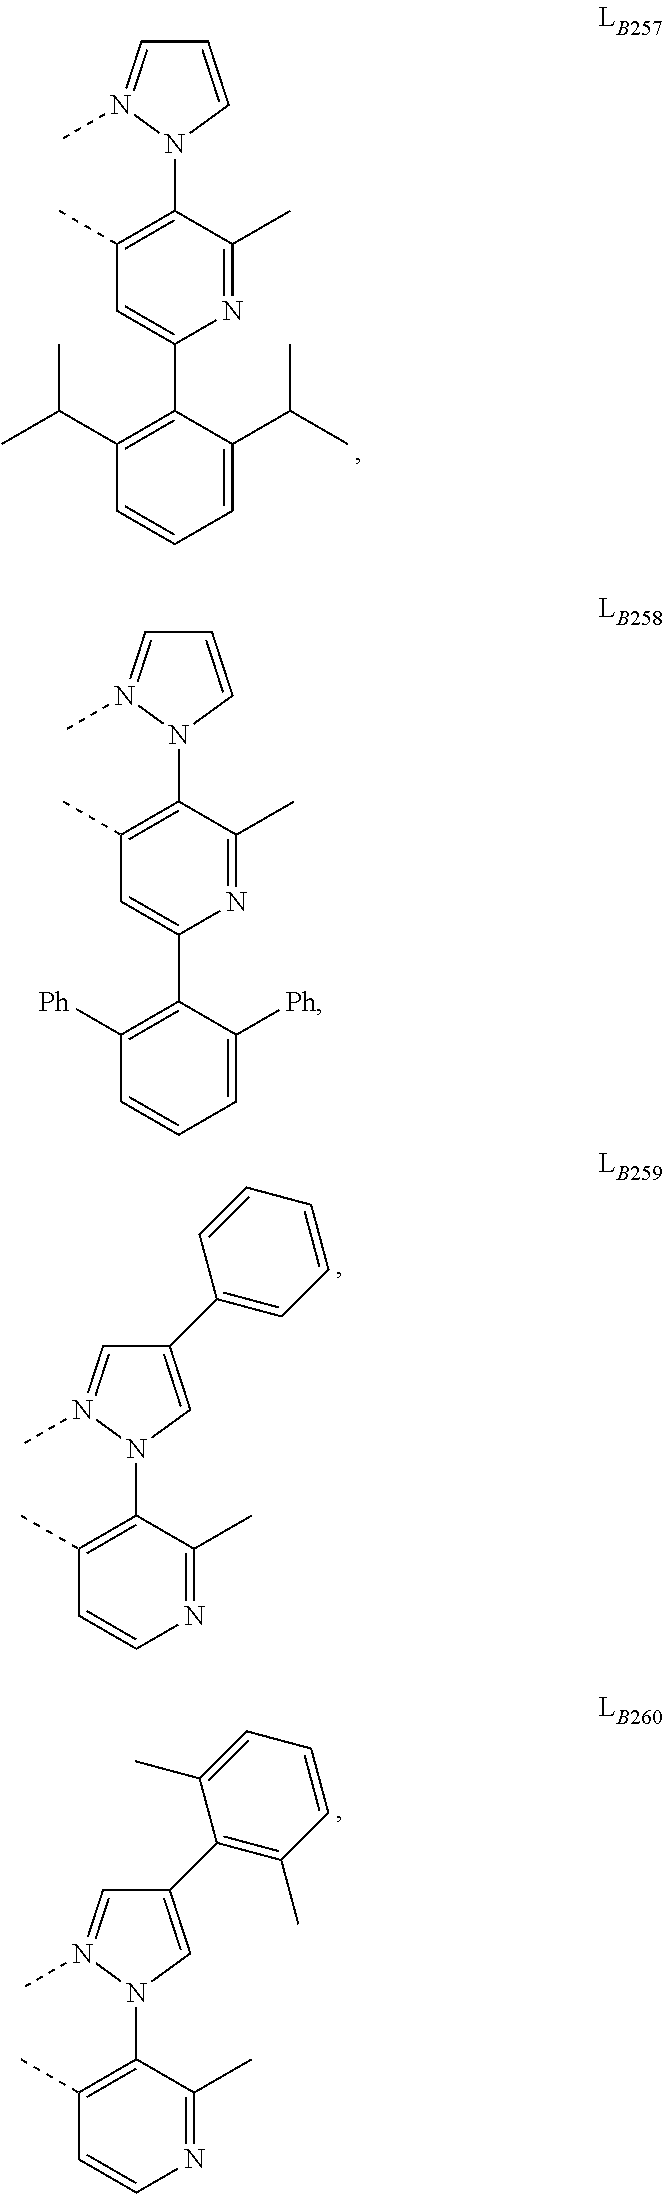 Figure US09905785-20180227-C00554